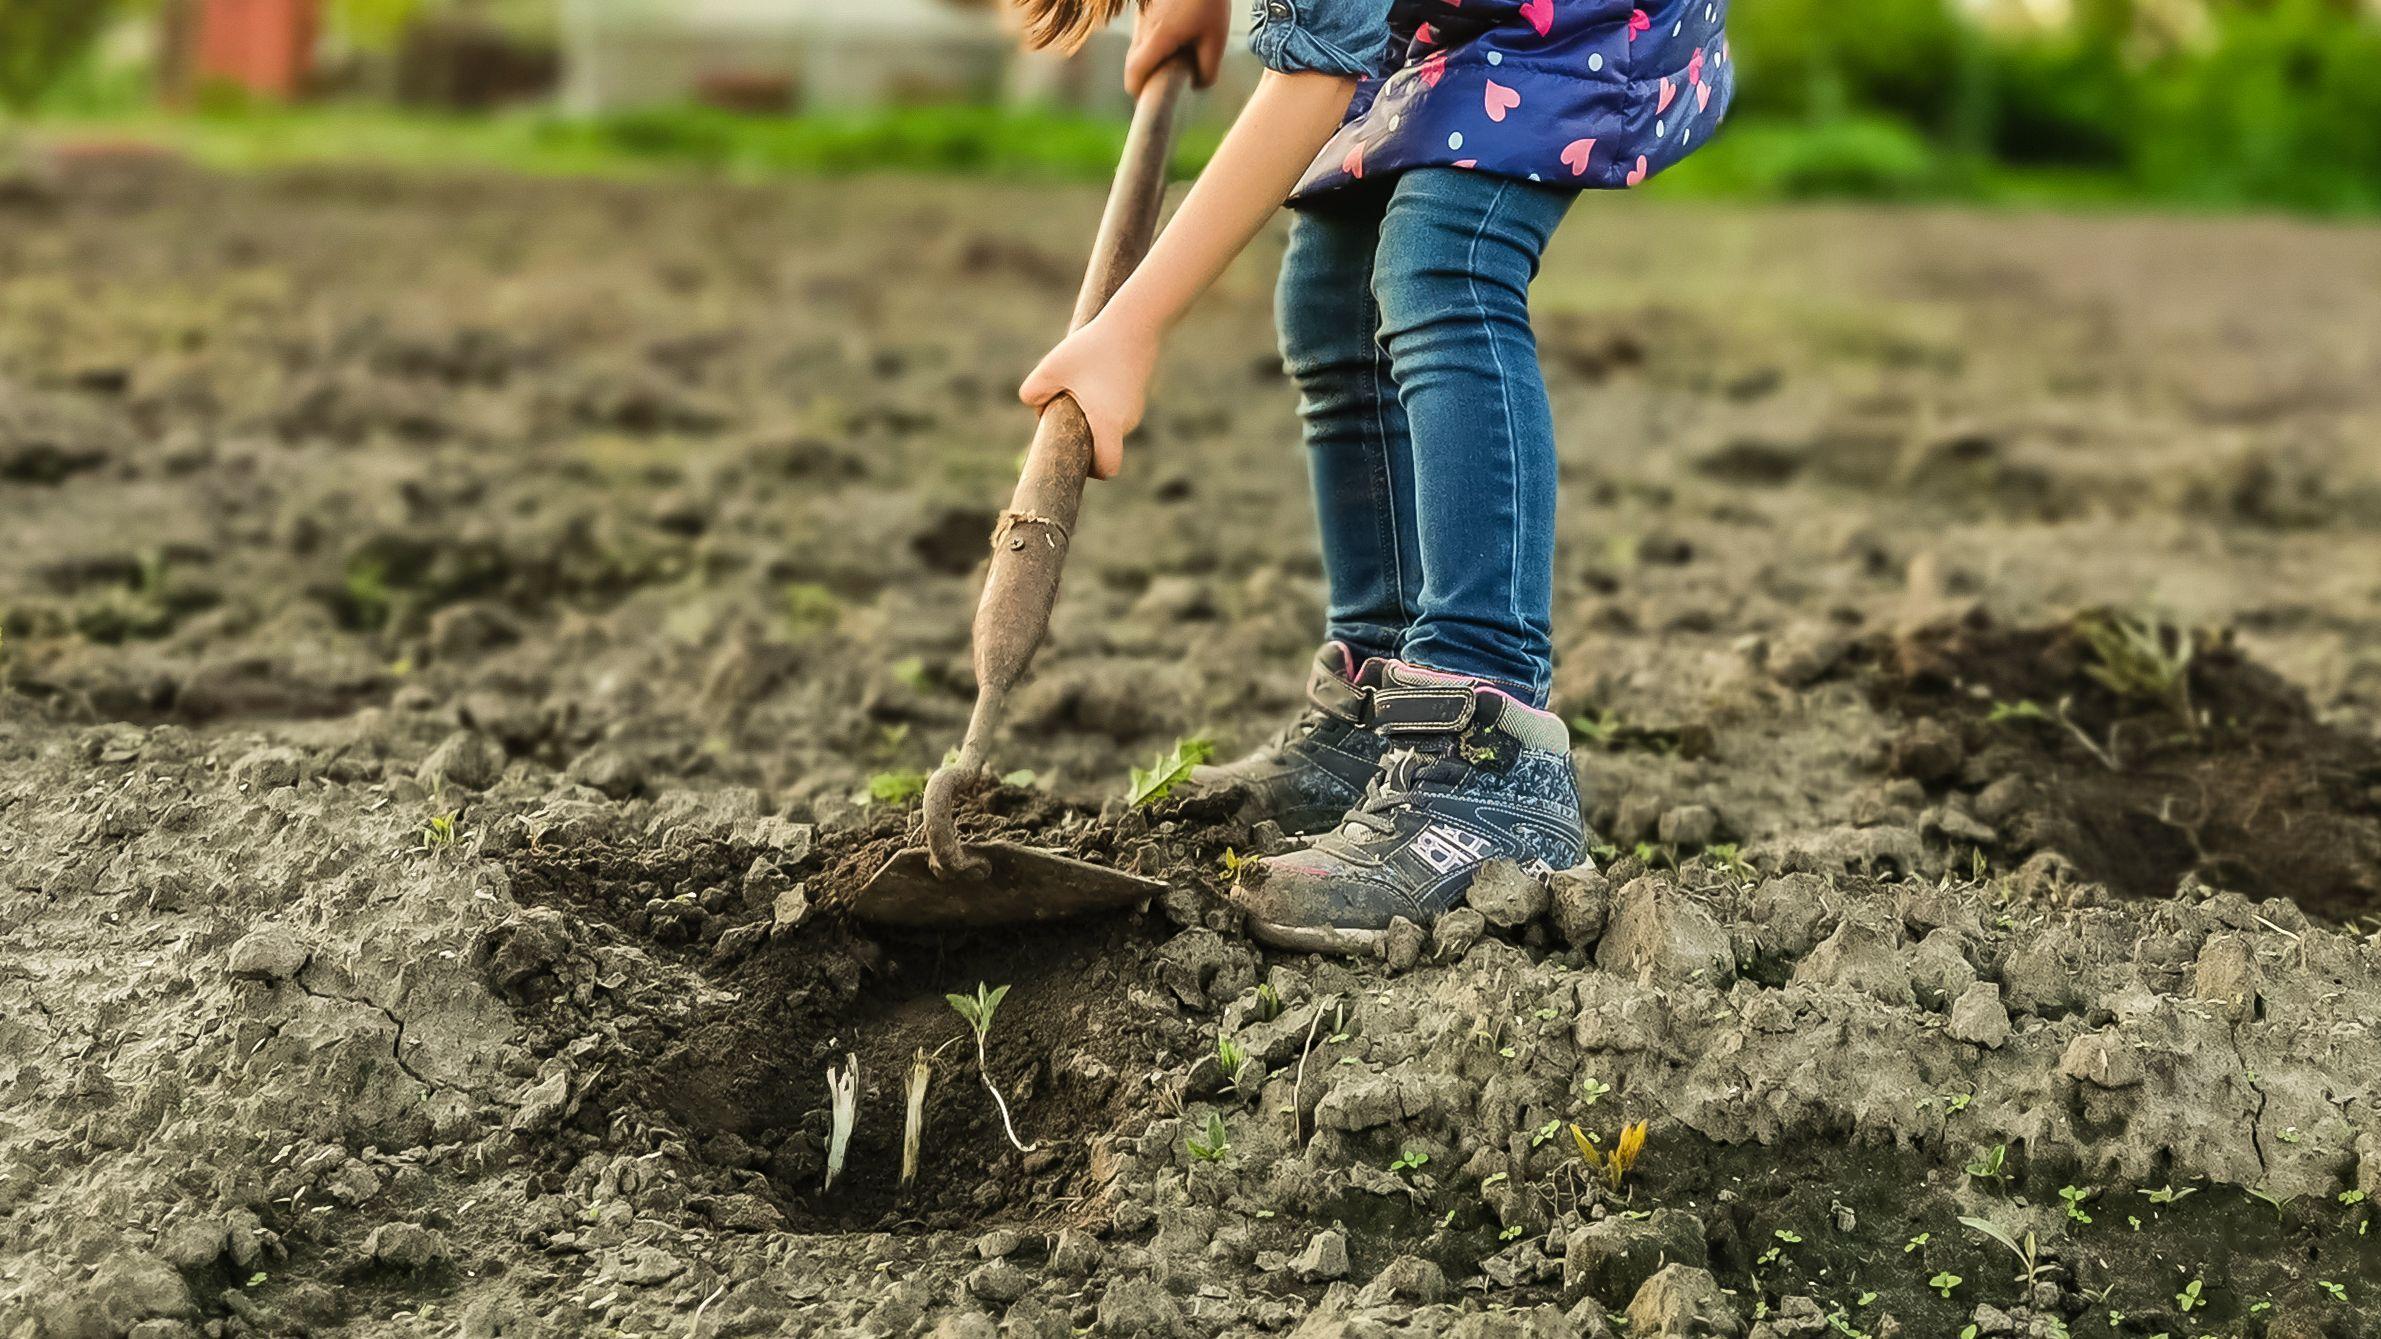 ¿Cómo preparar el suelo para hacer un huerto?